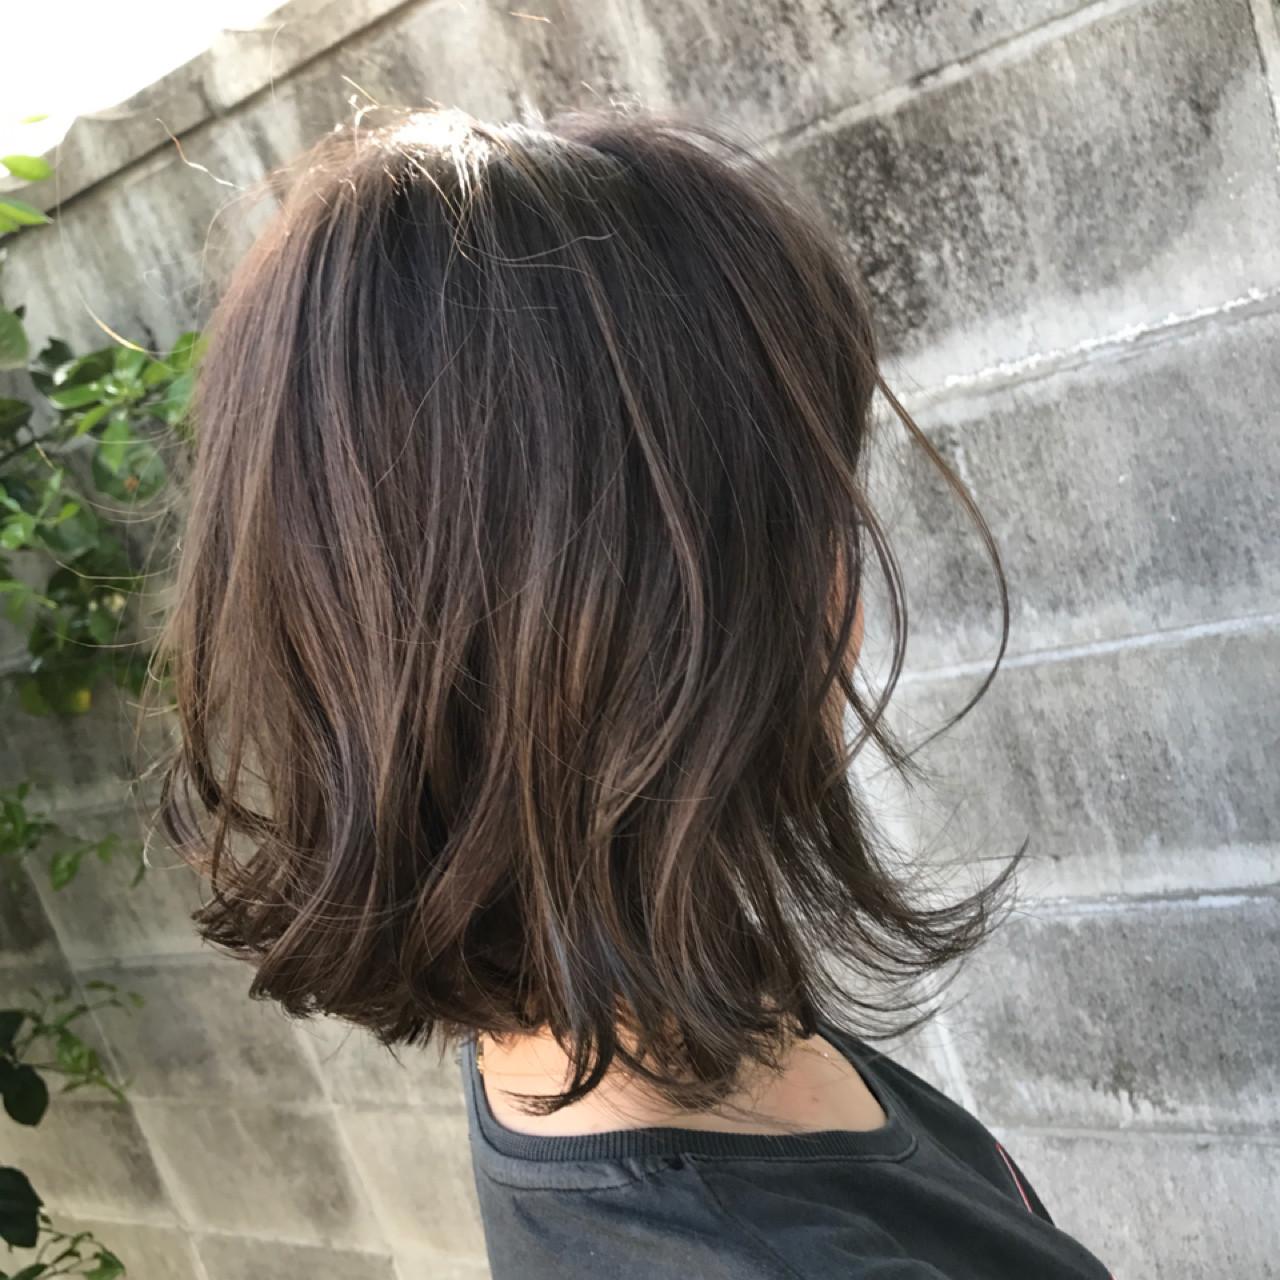 カラーの深み増すハイライト♡参考にしたいおすすめスタイル 高尾武志 | Hair Shop AIM